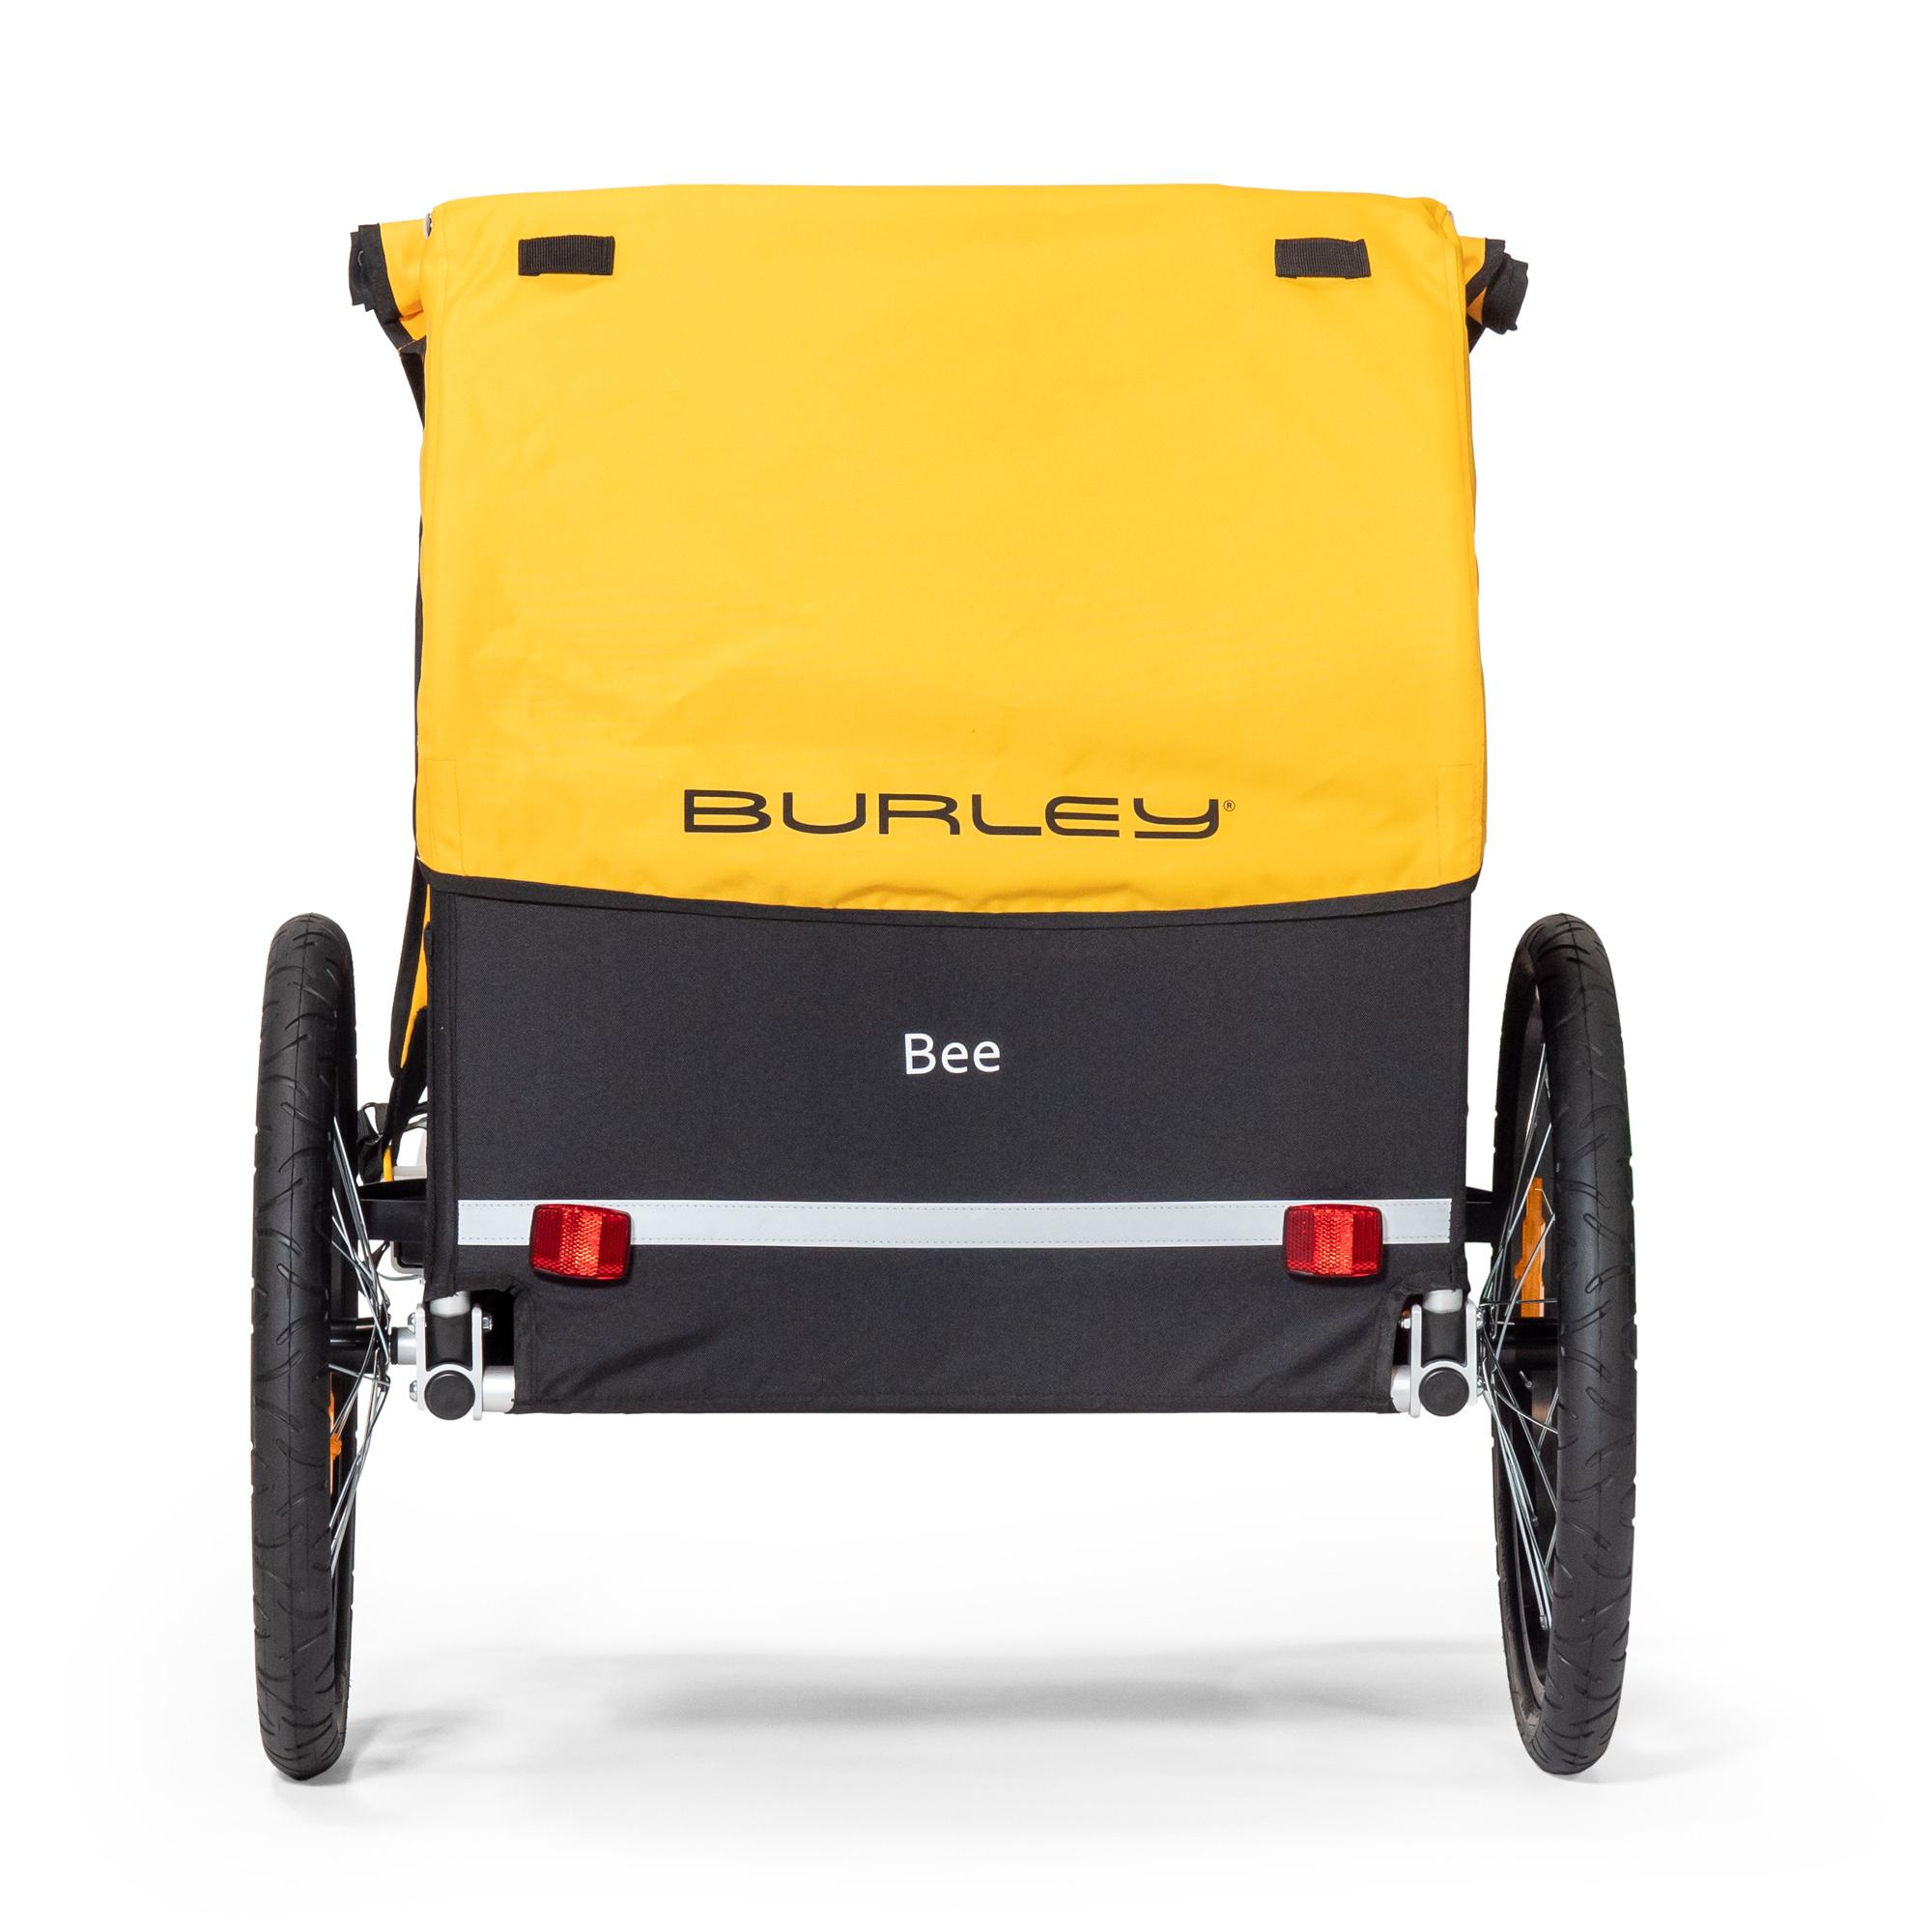 BURLEY Bee Yellow-4